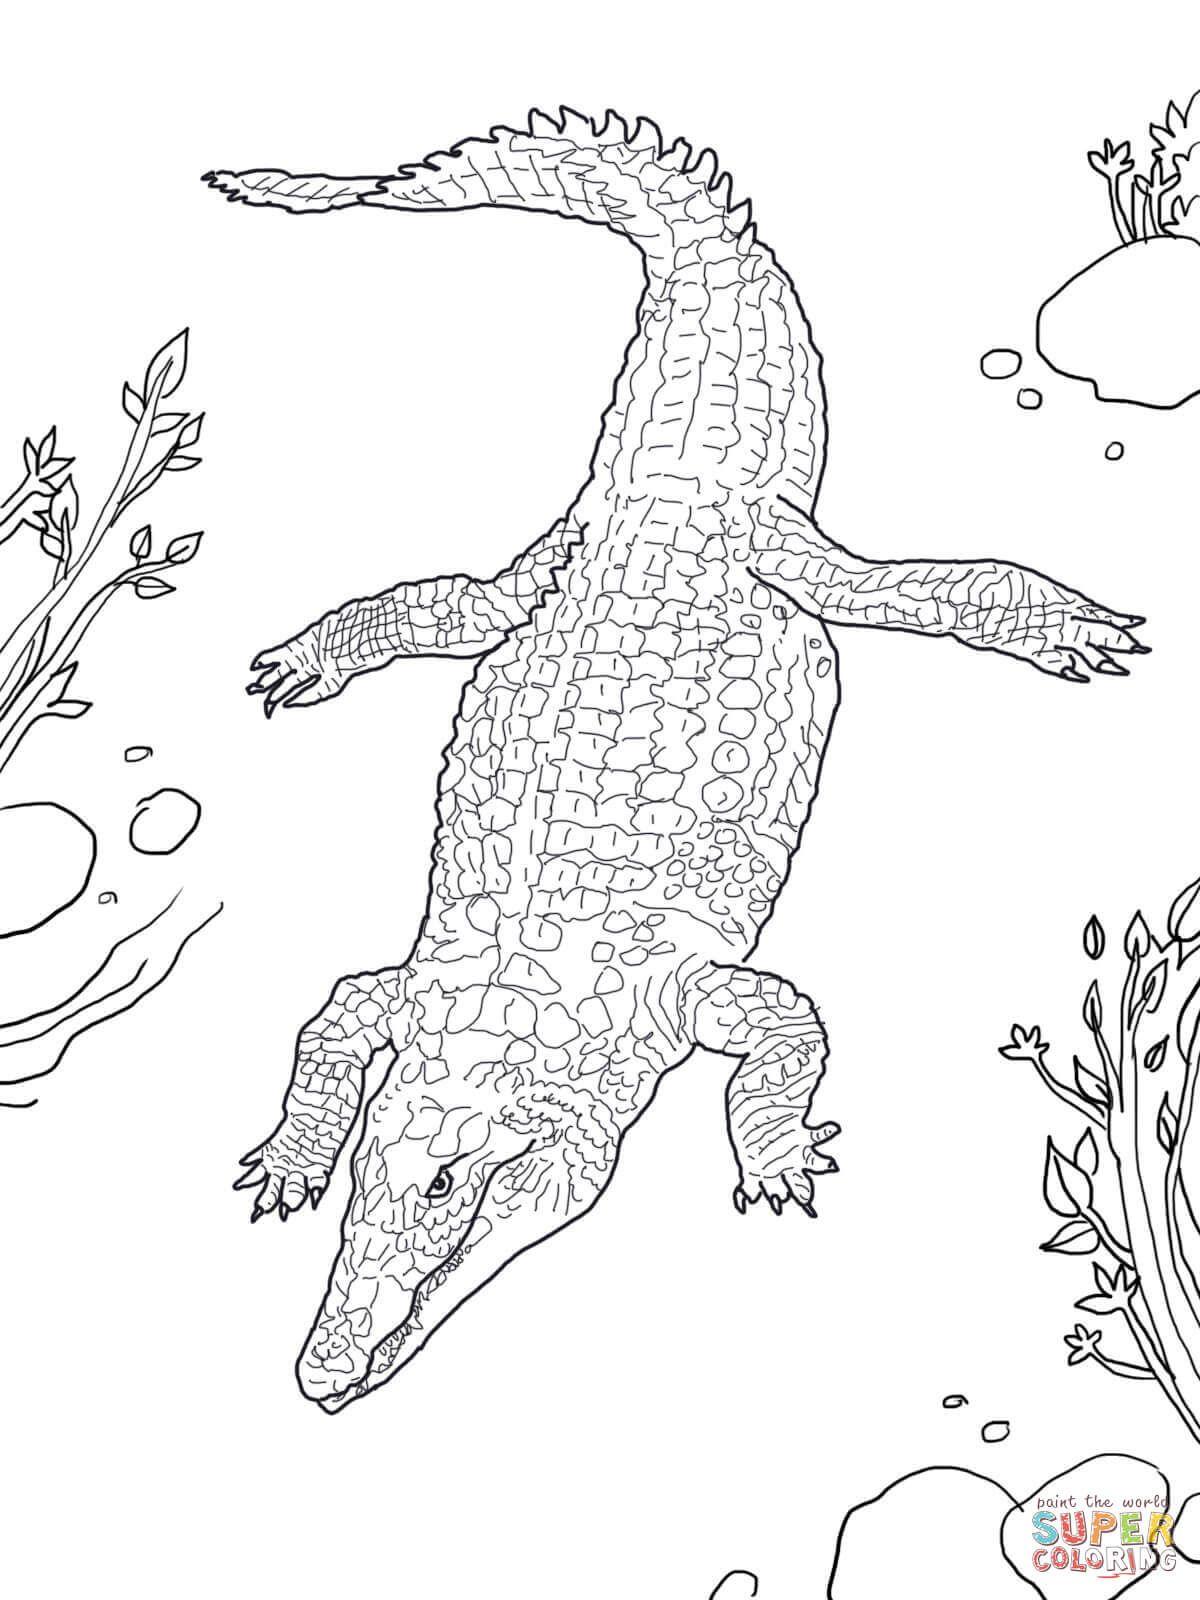 Nile Crocodile Super Coloring Nile Crocodile Draw On Photos